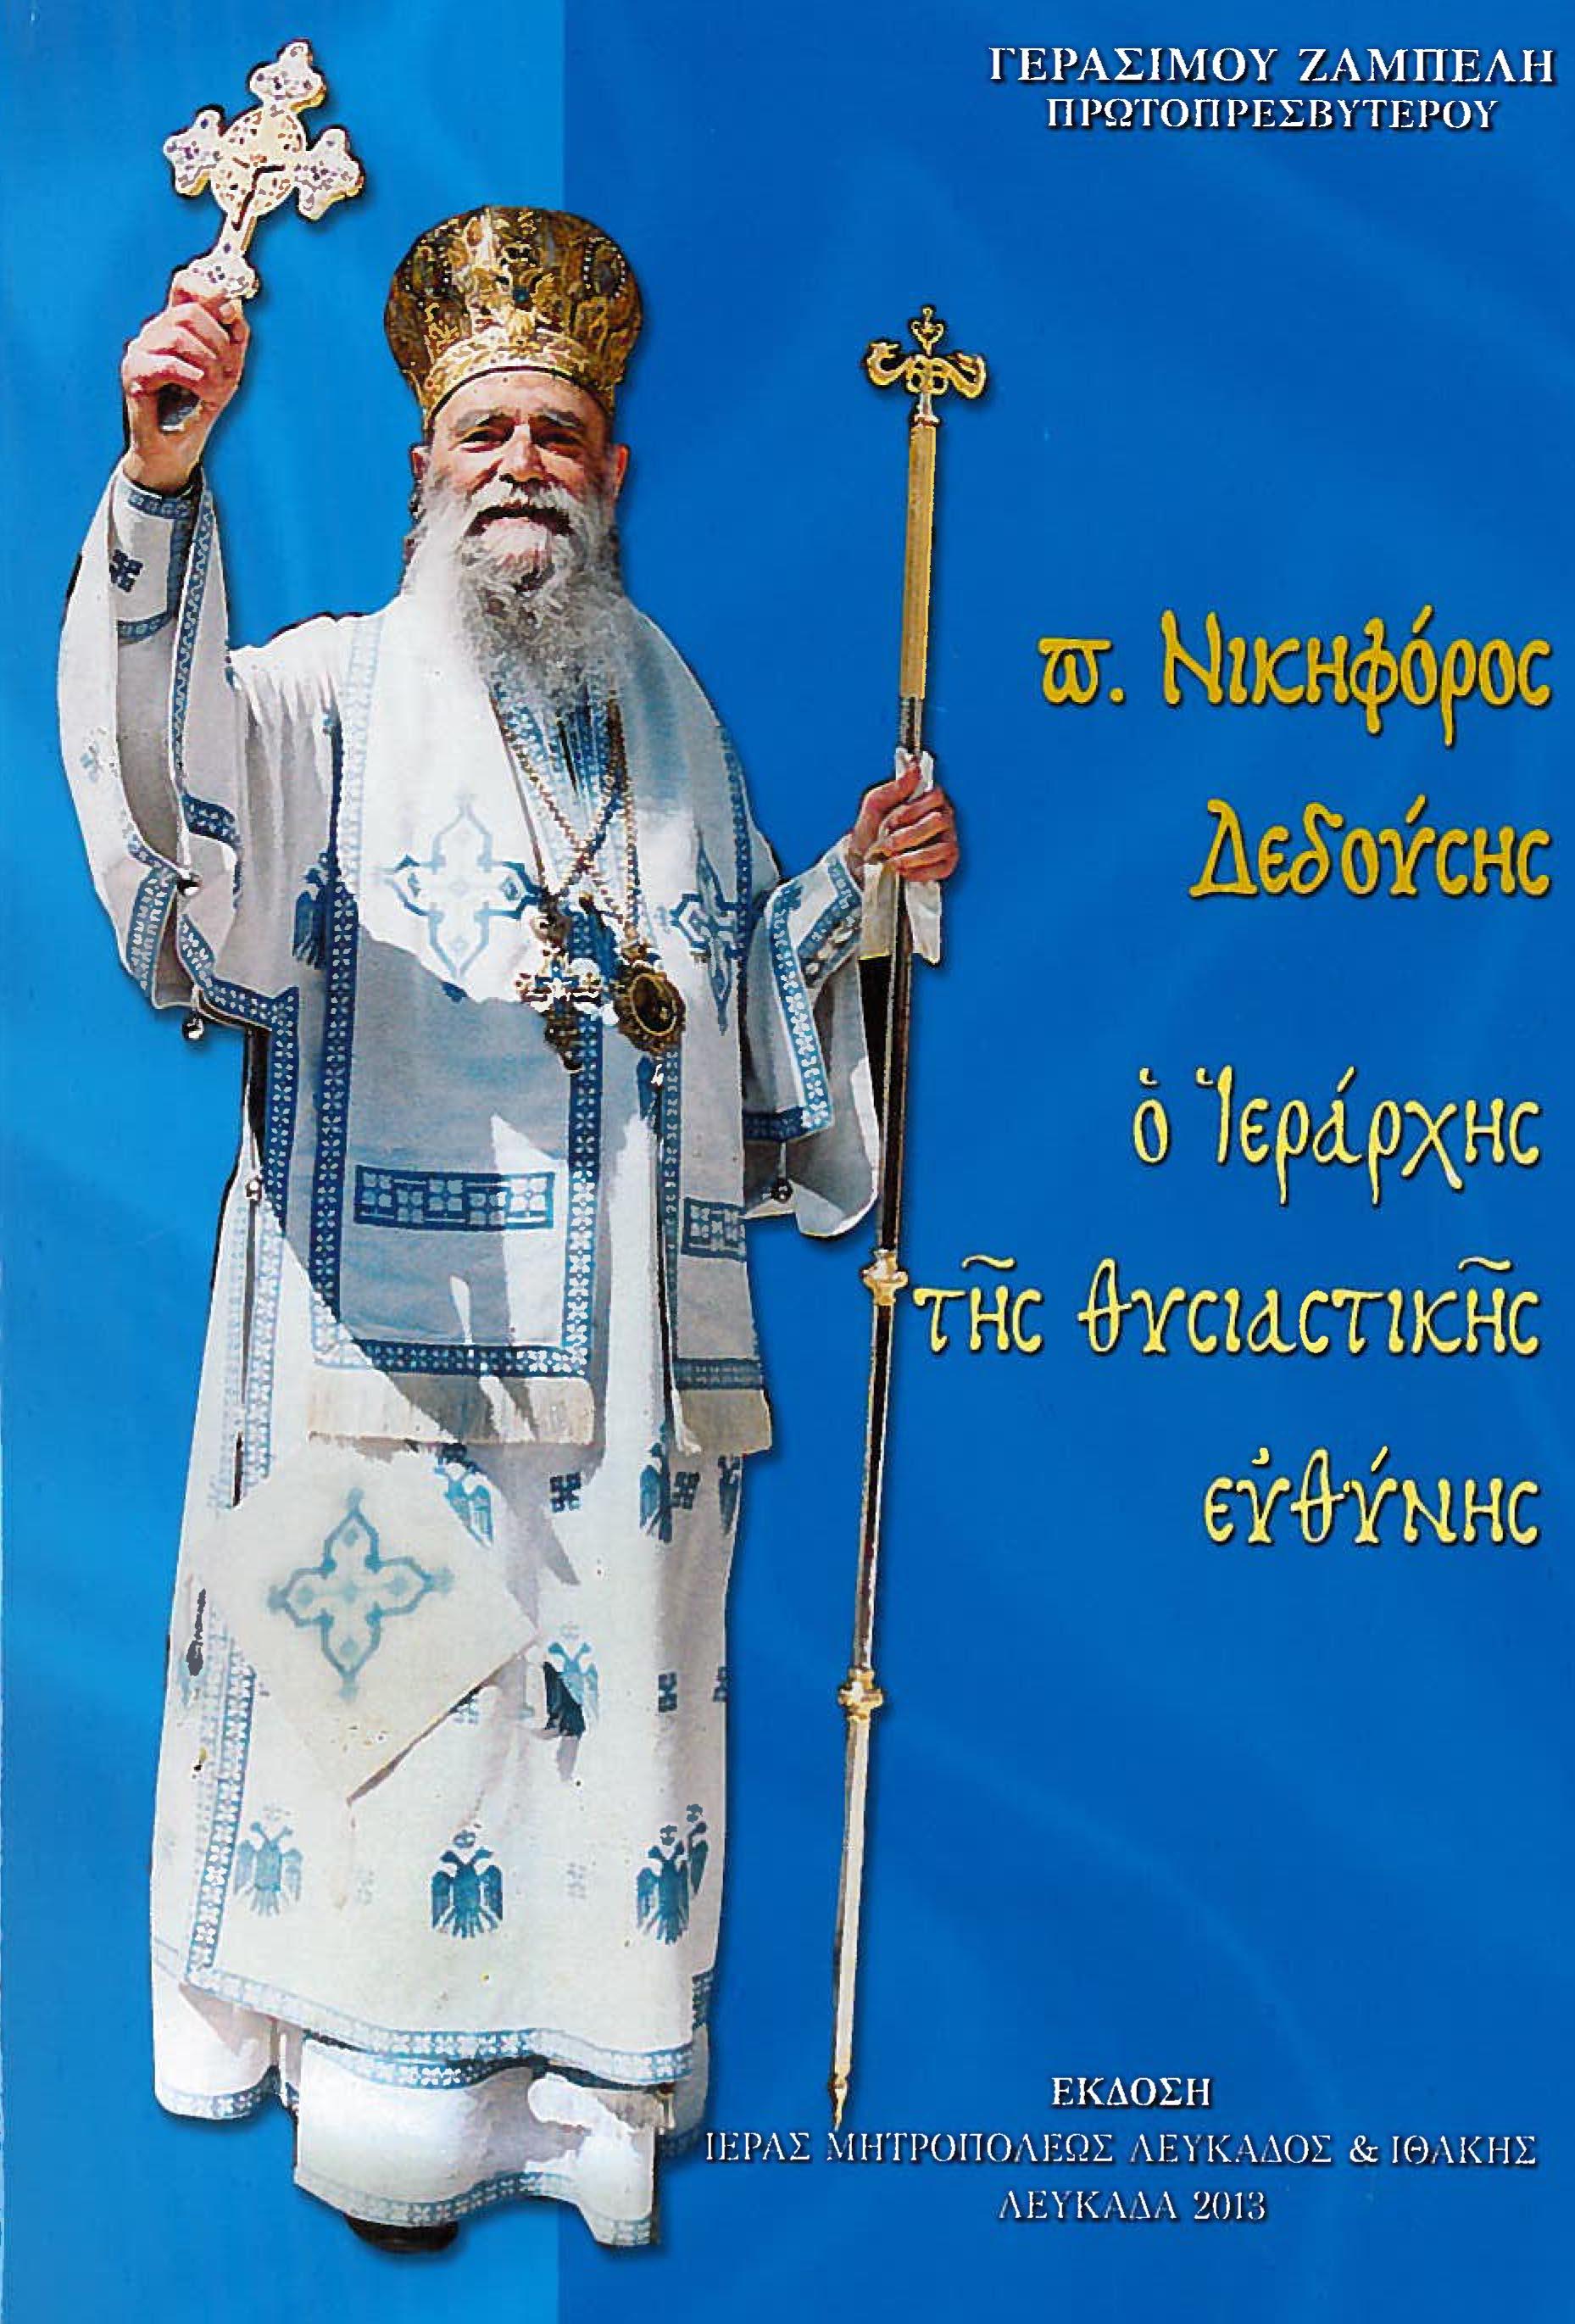 Ιερά  Μητρόπολις  Λευκάδος & Ιθάκης - «Νικηφόρος Δεδούσης. Ο Ιεράρχης της θυσιαστικής ευθύνης»